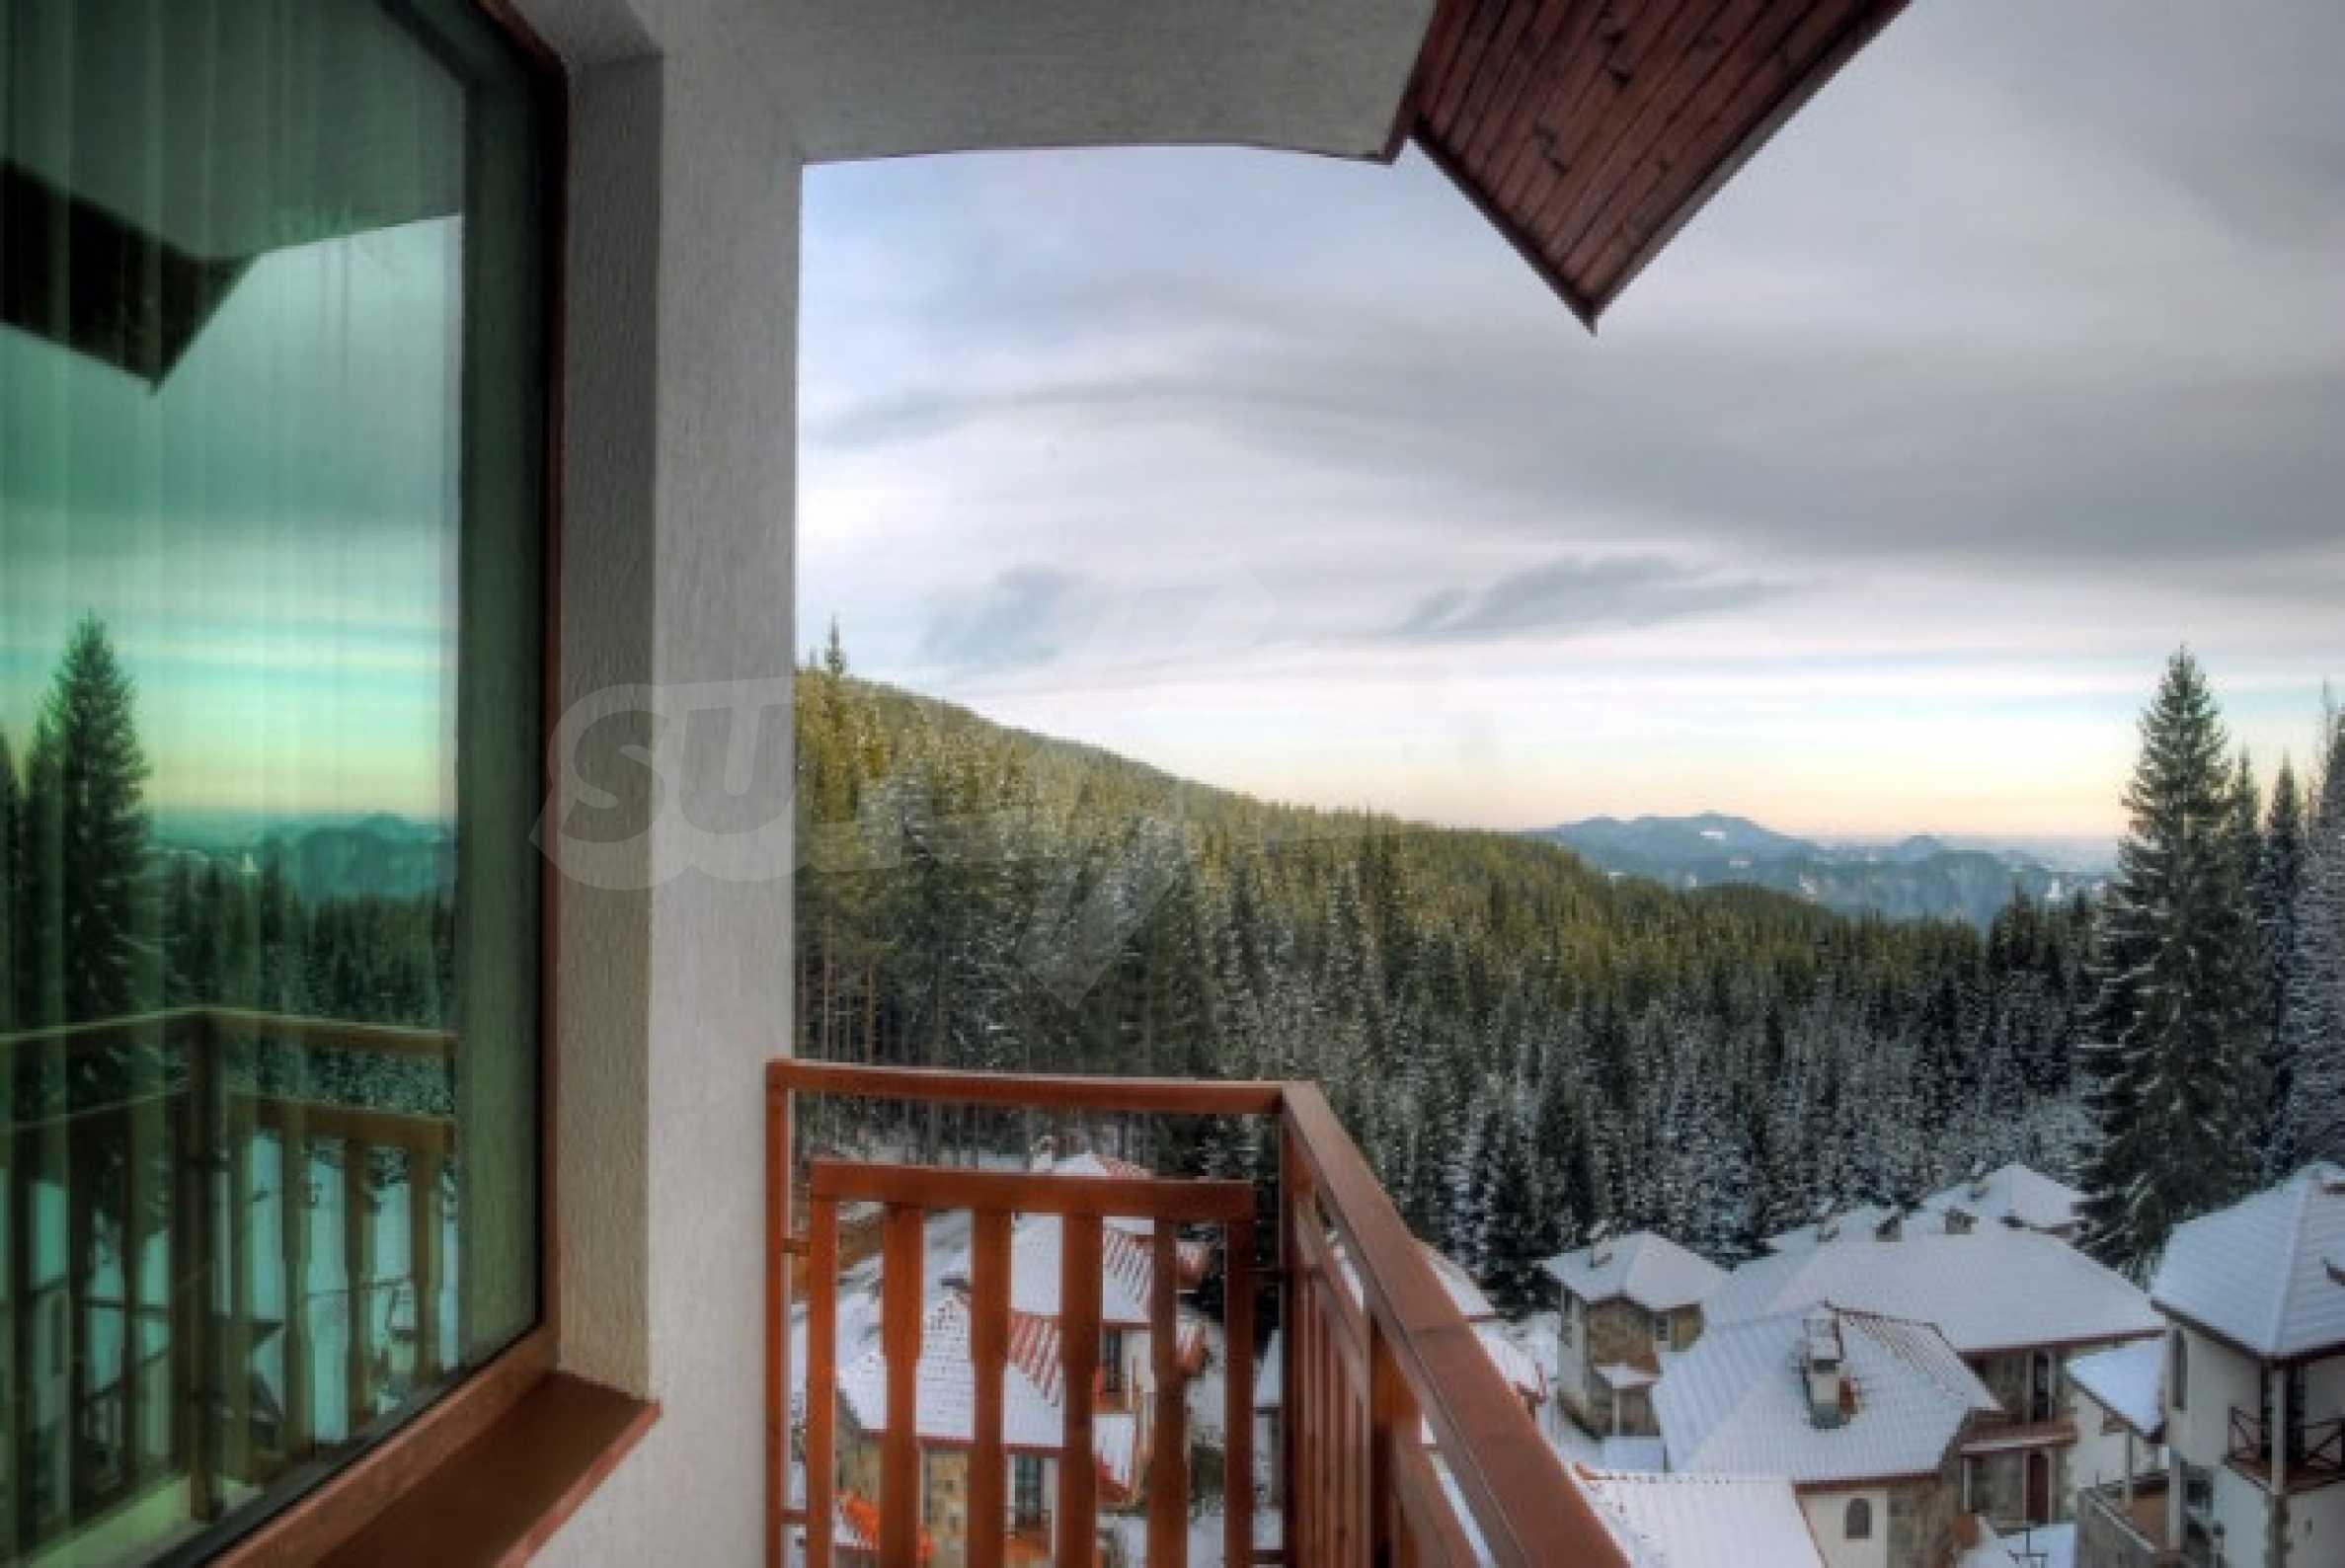 Апартаменти на атрактивни цени в планински ваканционен комплекс в Пампорово 22